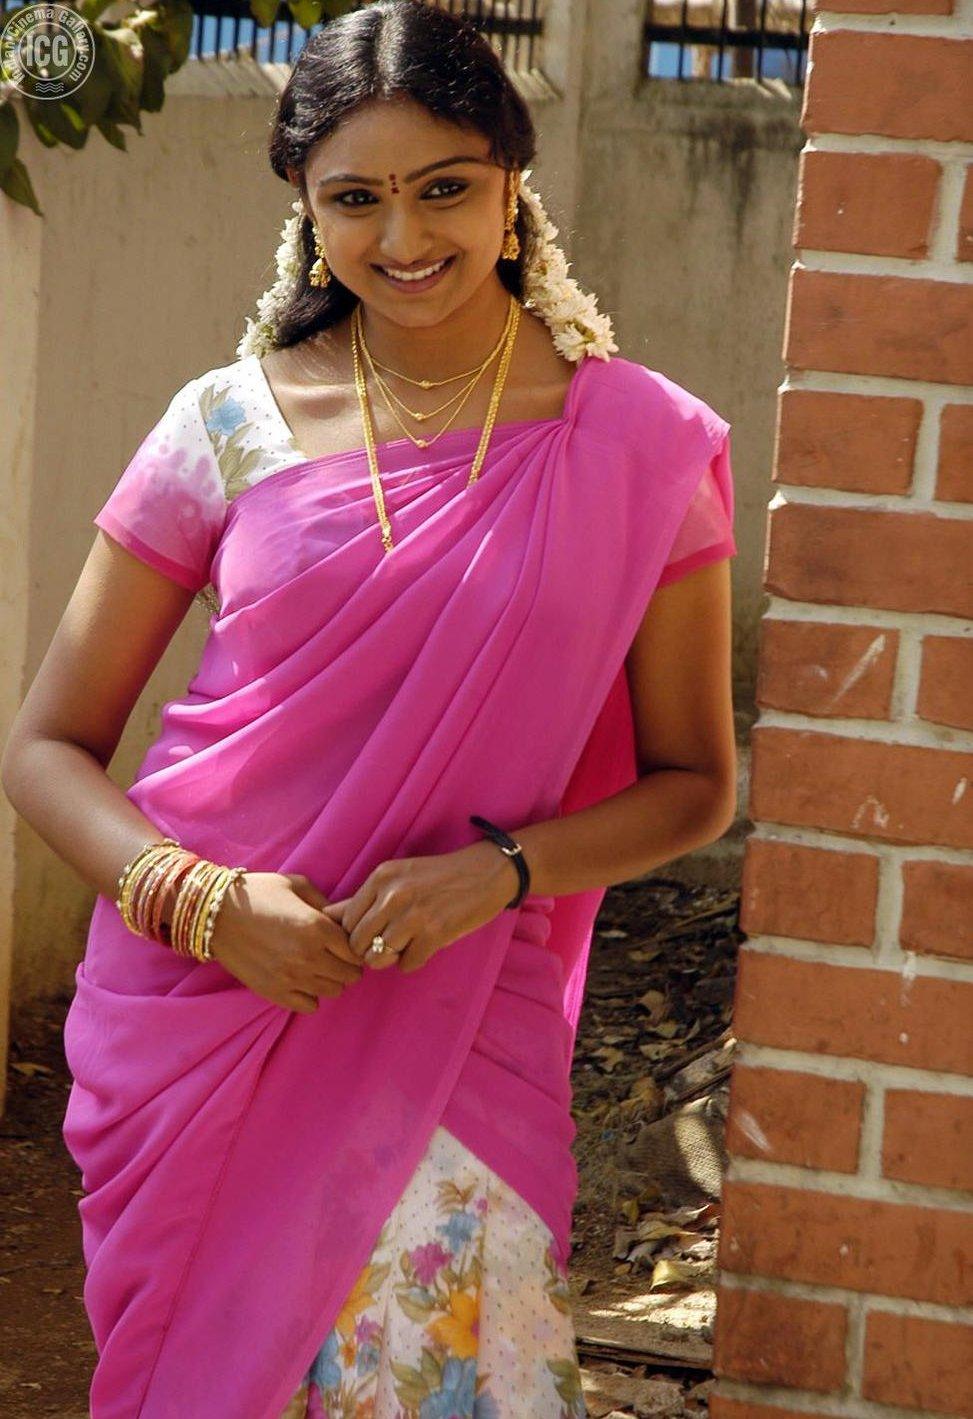 Индианки в миних юбках фото фото 580-447